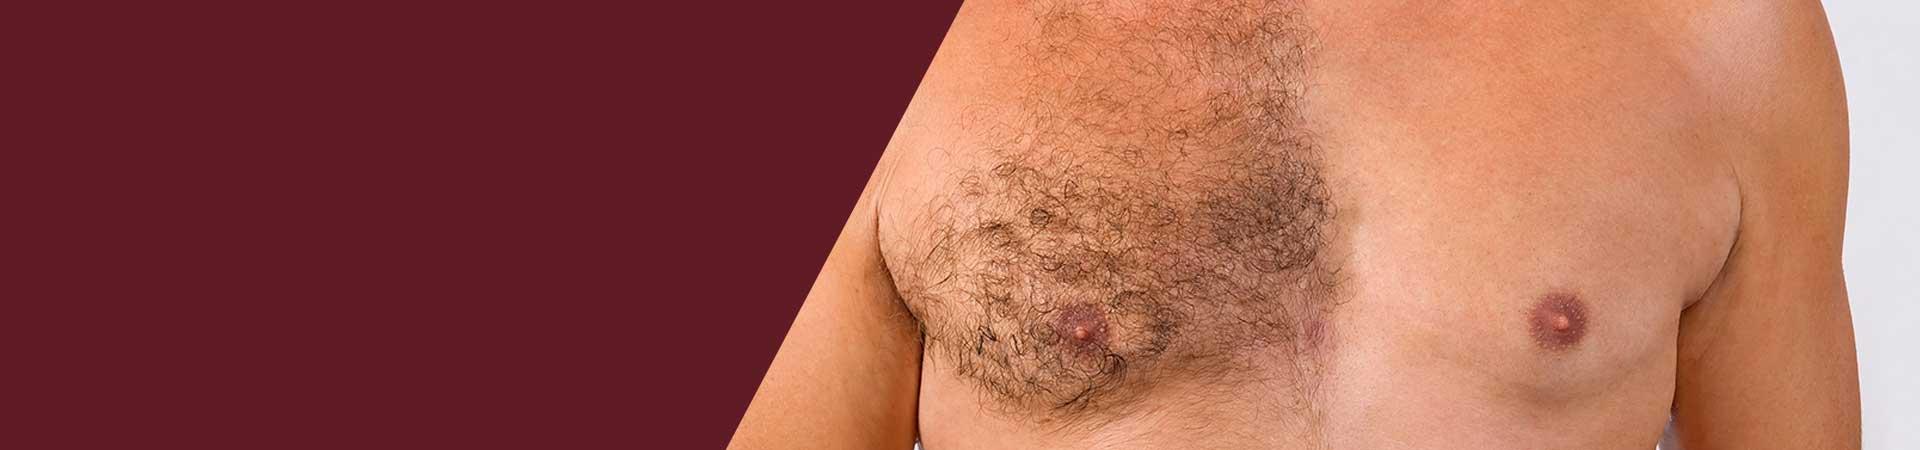 Body Hair Implantation